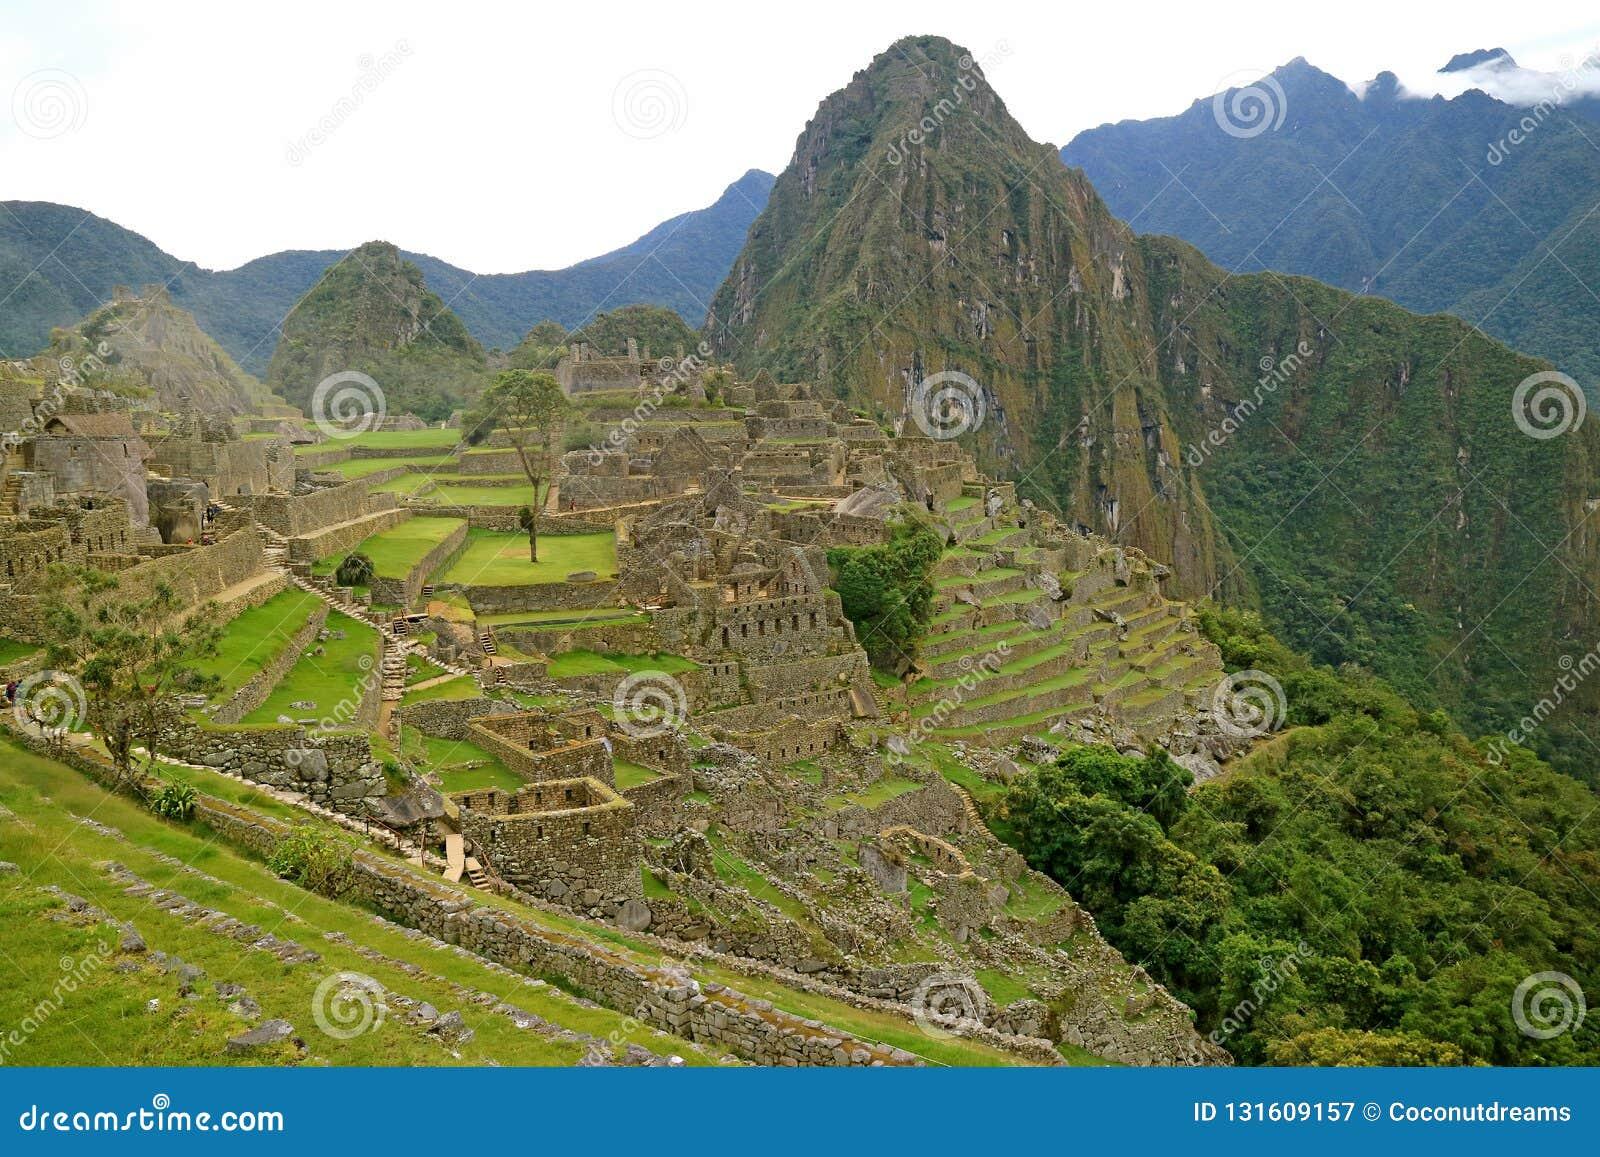 Machu Picchu i ottan, den berömda Inca Ruins i den Cusco regionen, Urubamba landskap, Peru